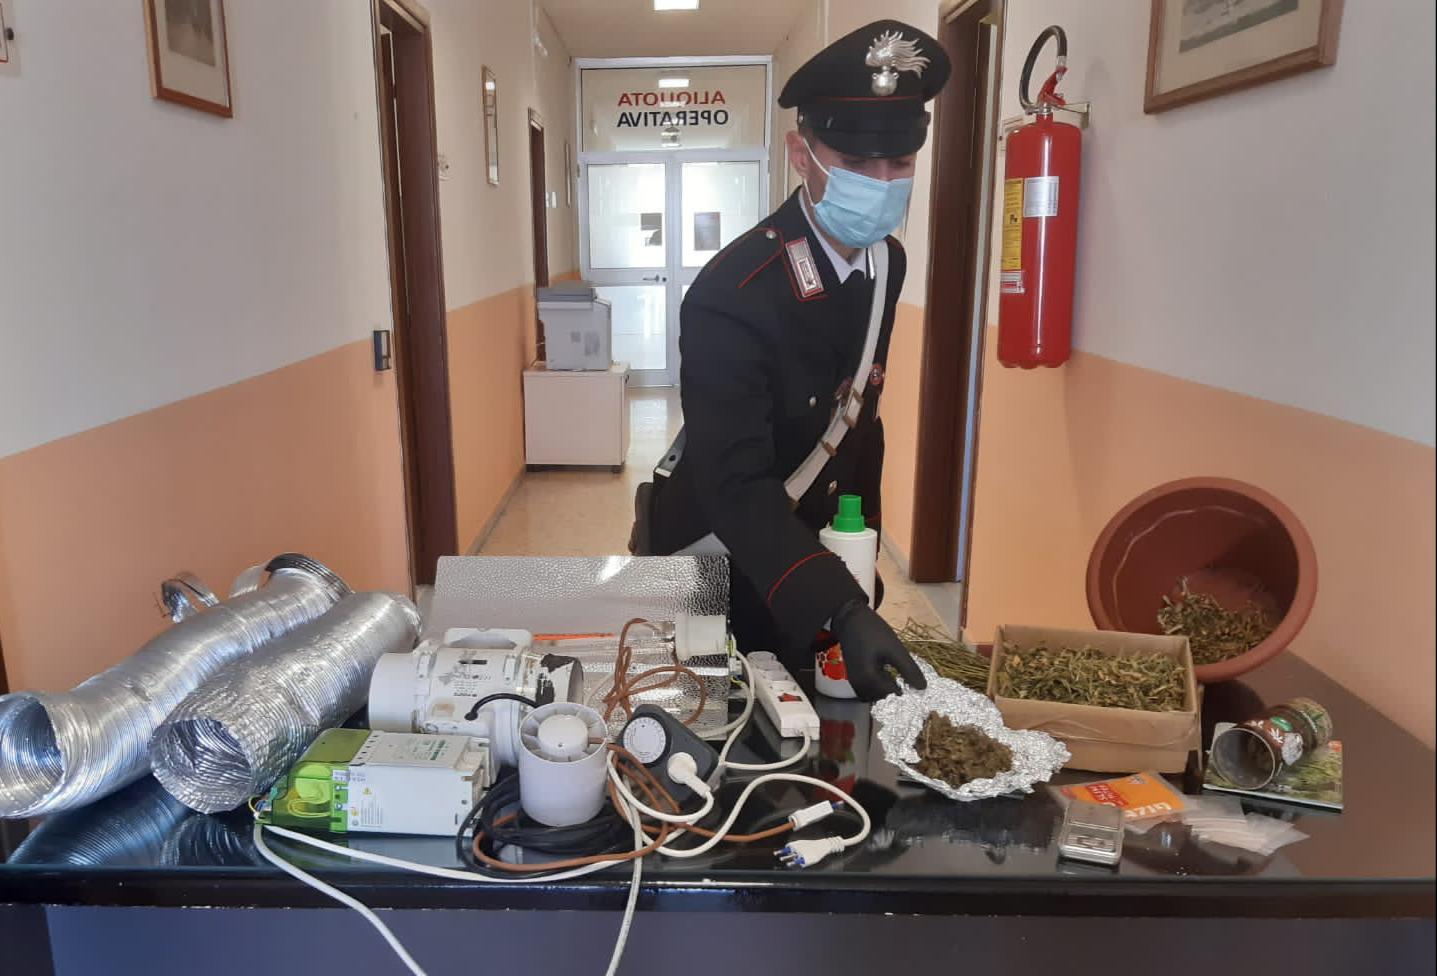 Detenzione di sostanza stupefacente, ricettazione e furto di energia elettrica: un arresto